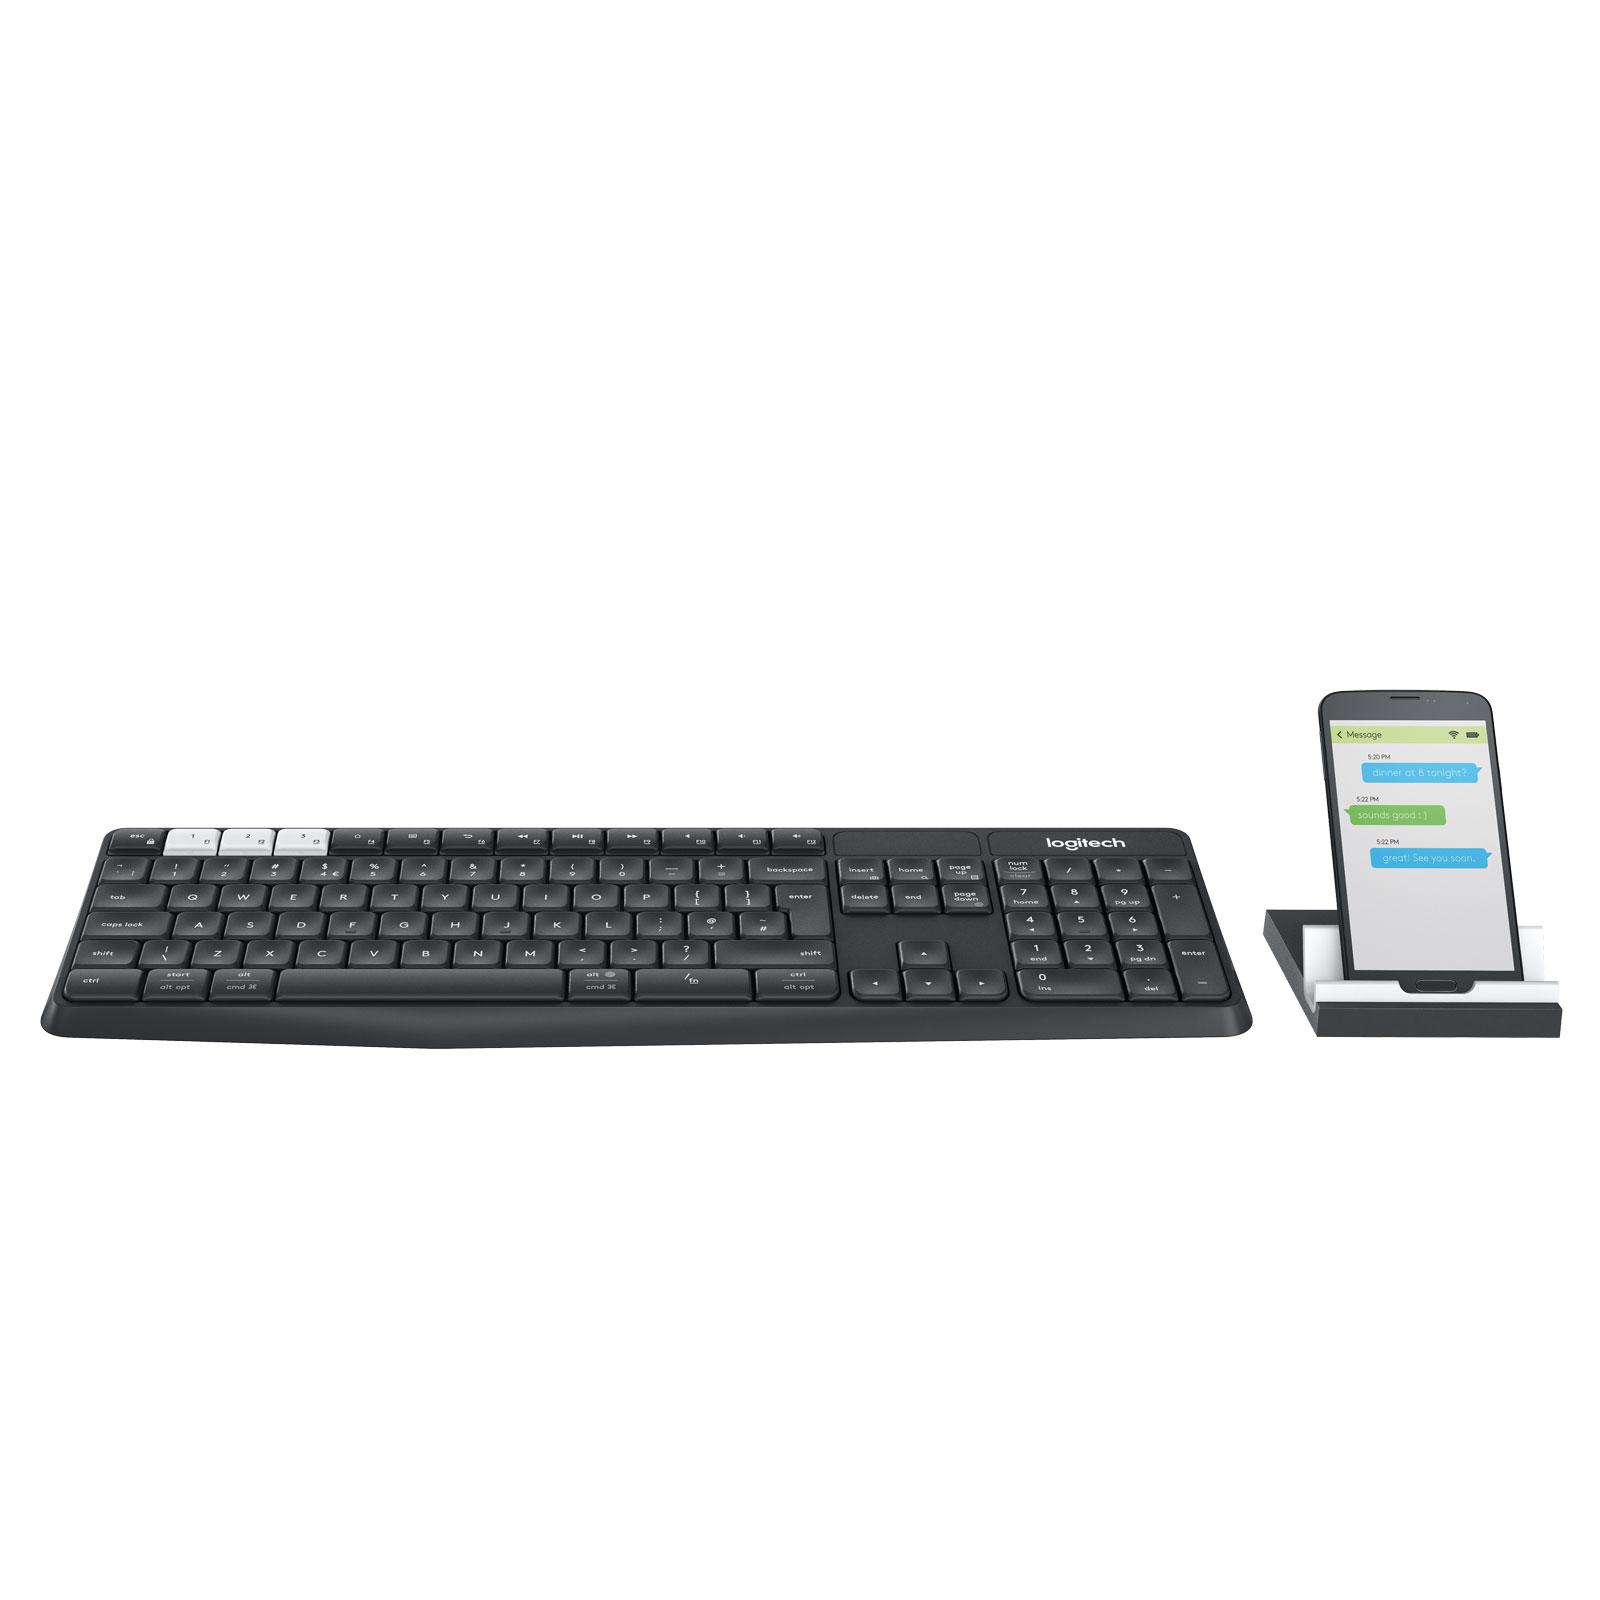 Logitech K375s Multi-Device - Clavier PC Logitech - Cybertek.fr - 3